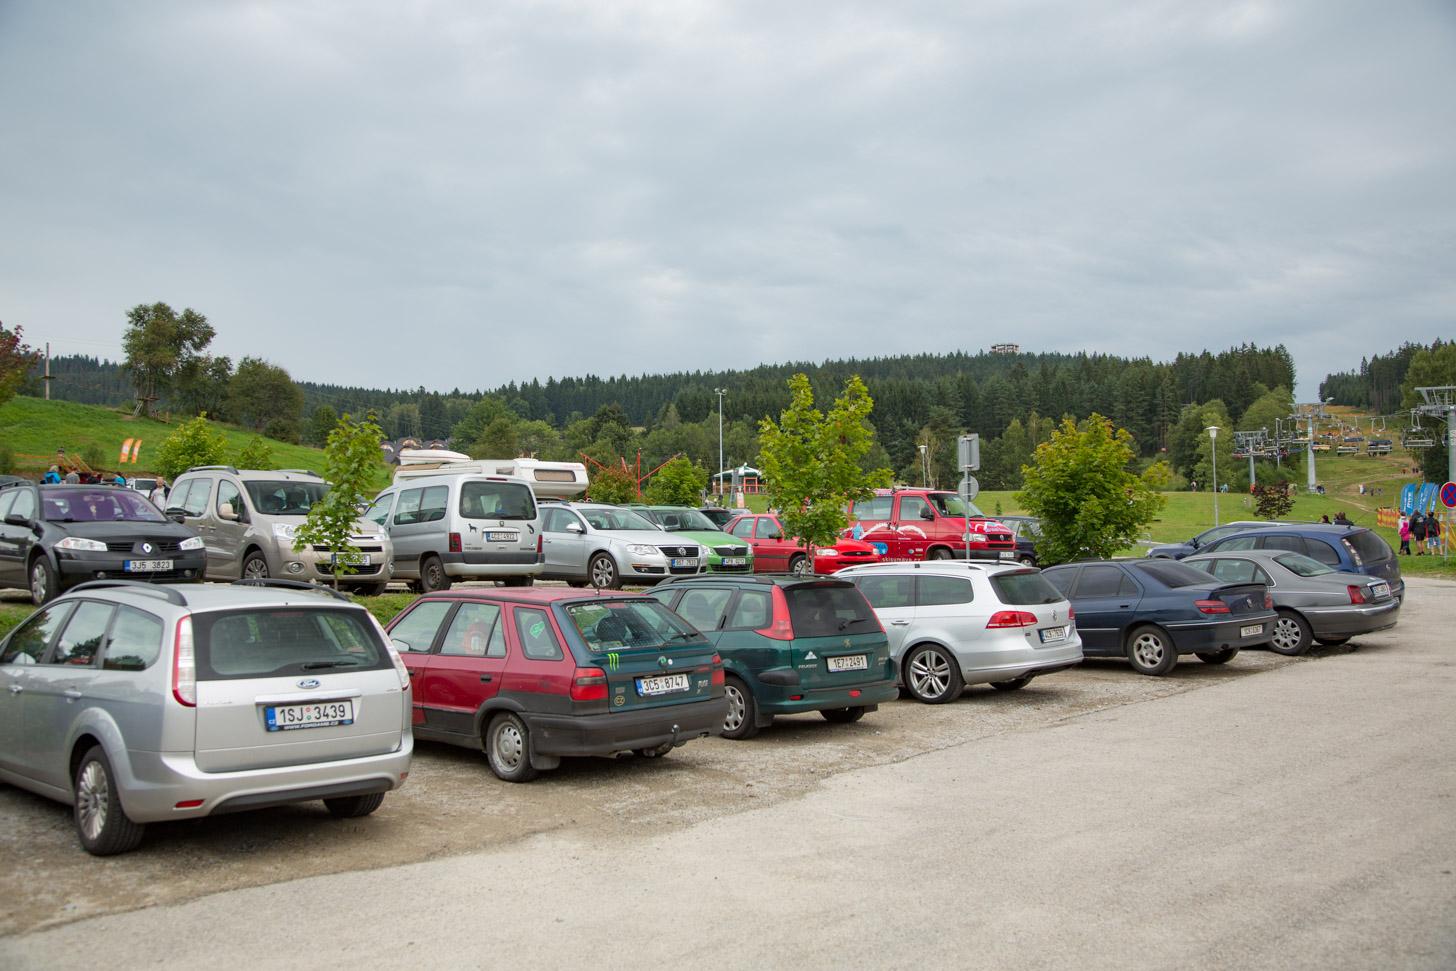 parkeerterrein in Lipno